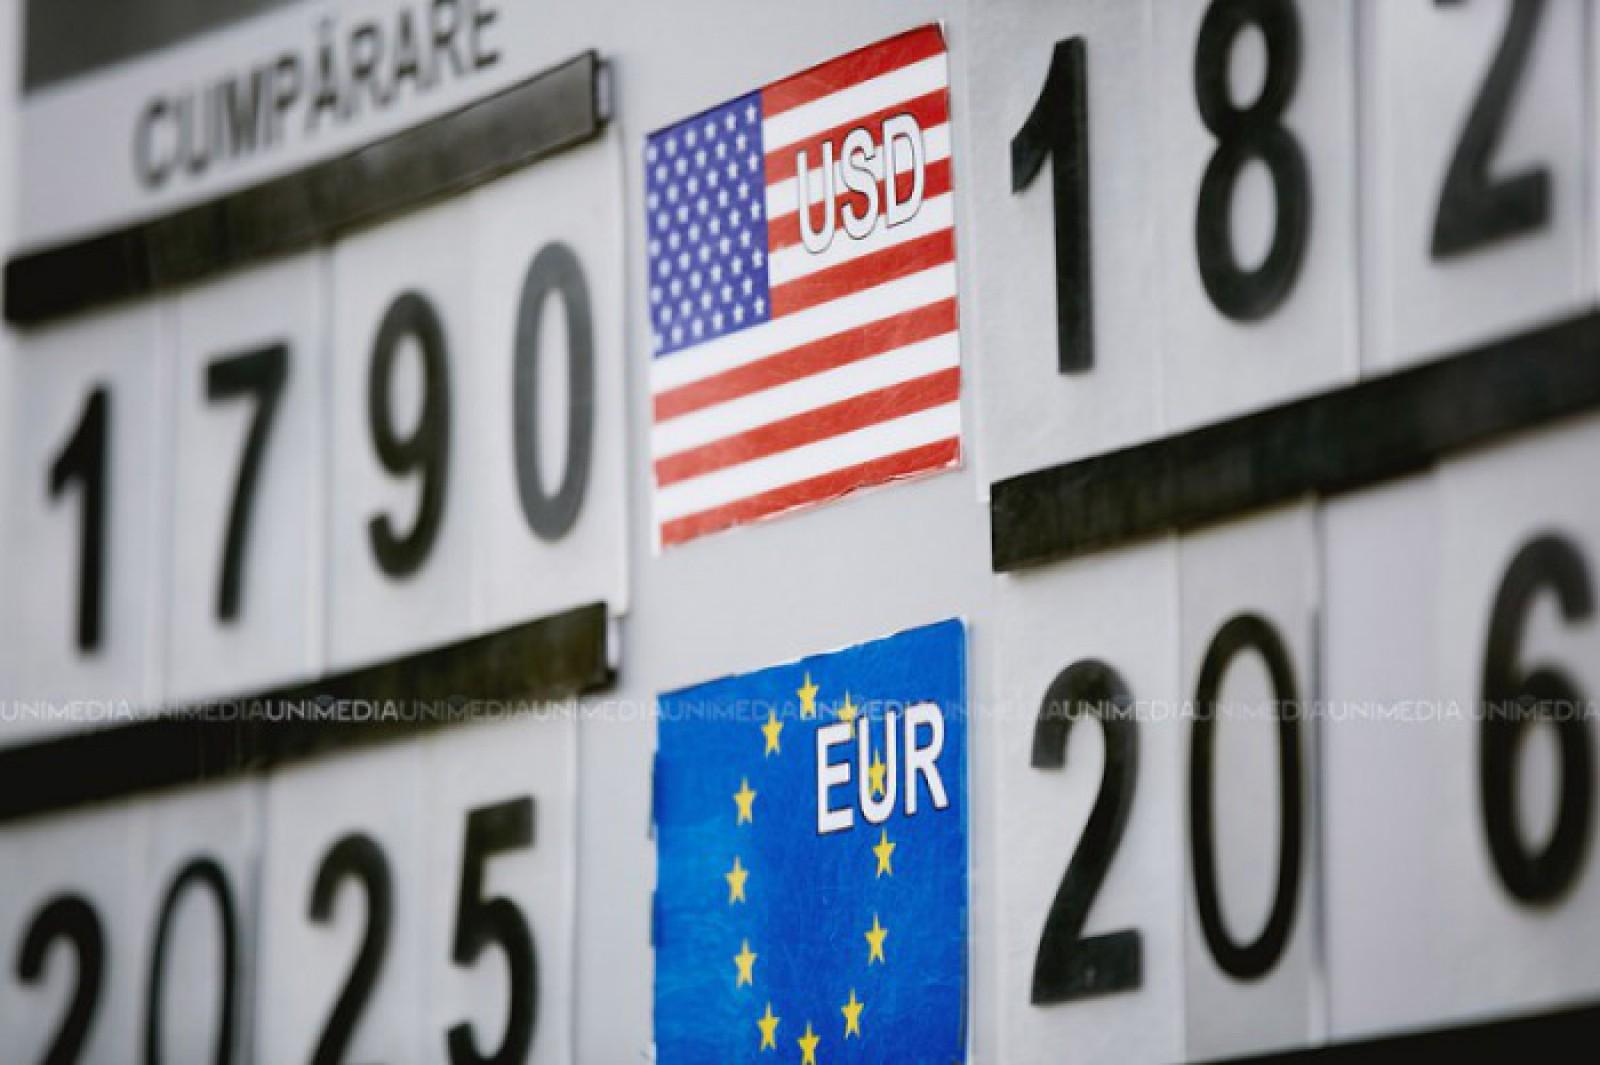 Curs valutar: Leul moldovenesc, în apreciere față de moneda unică europeană